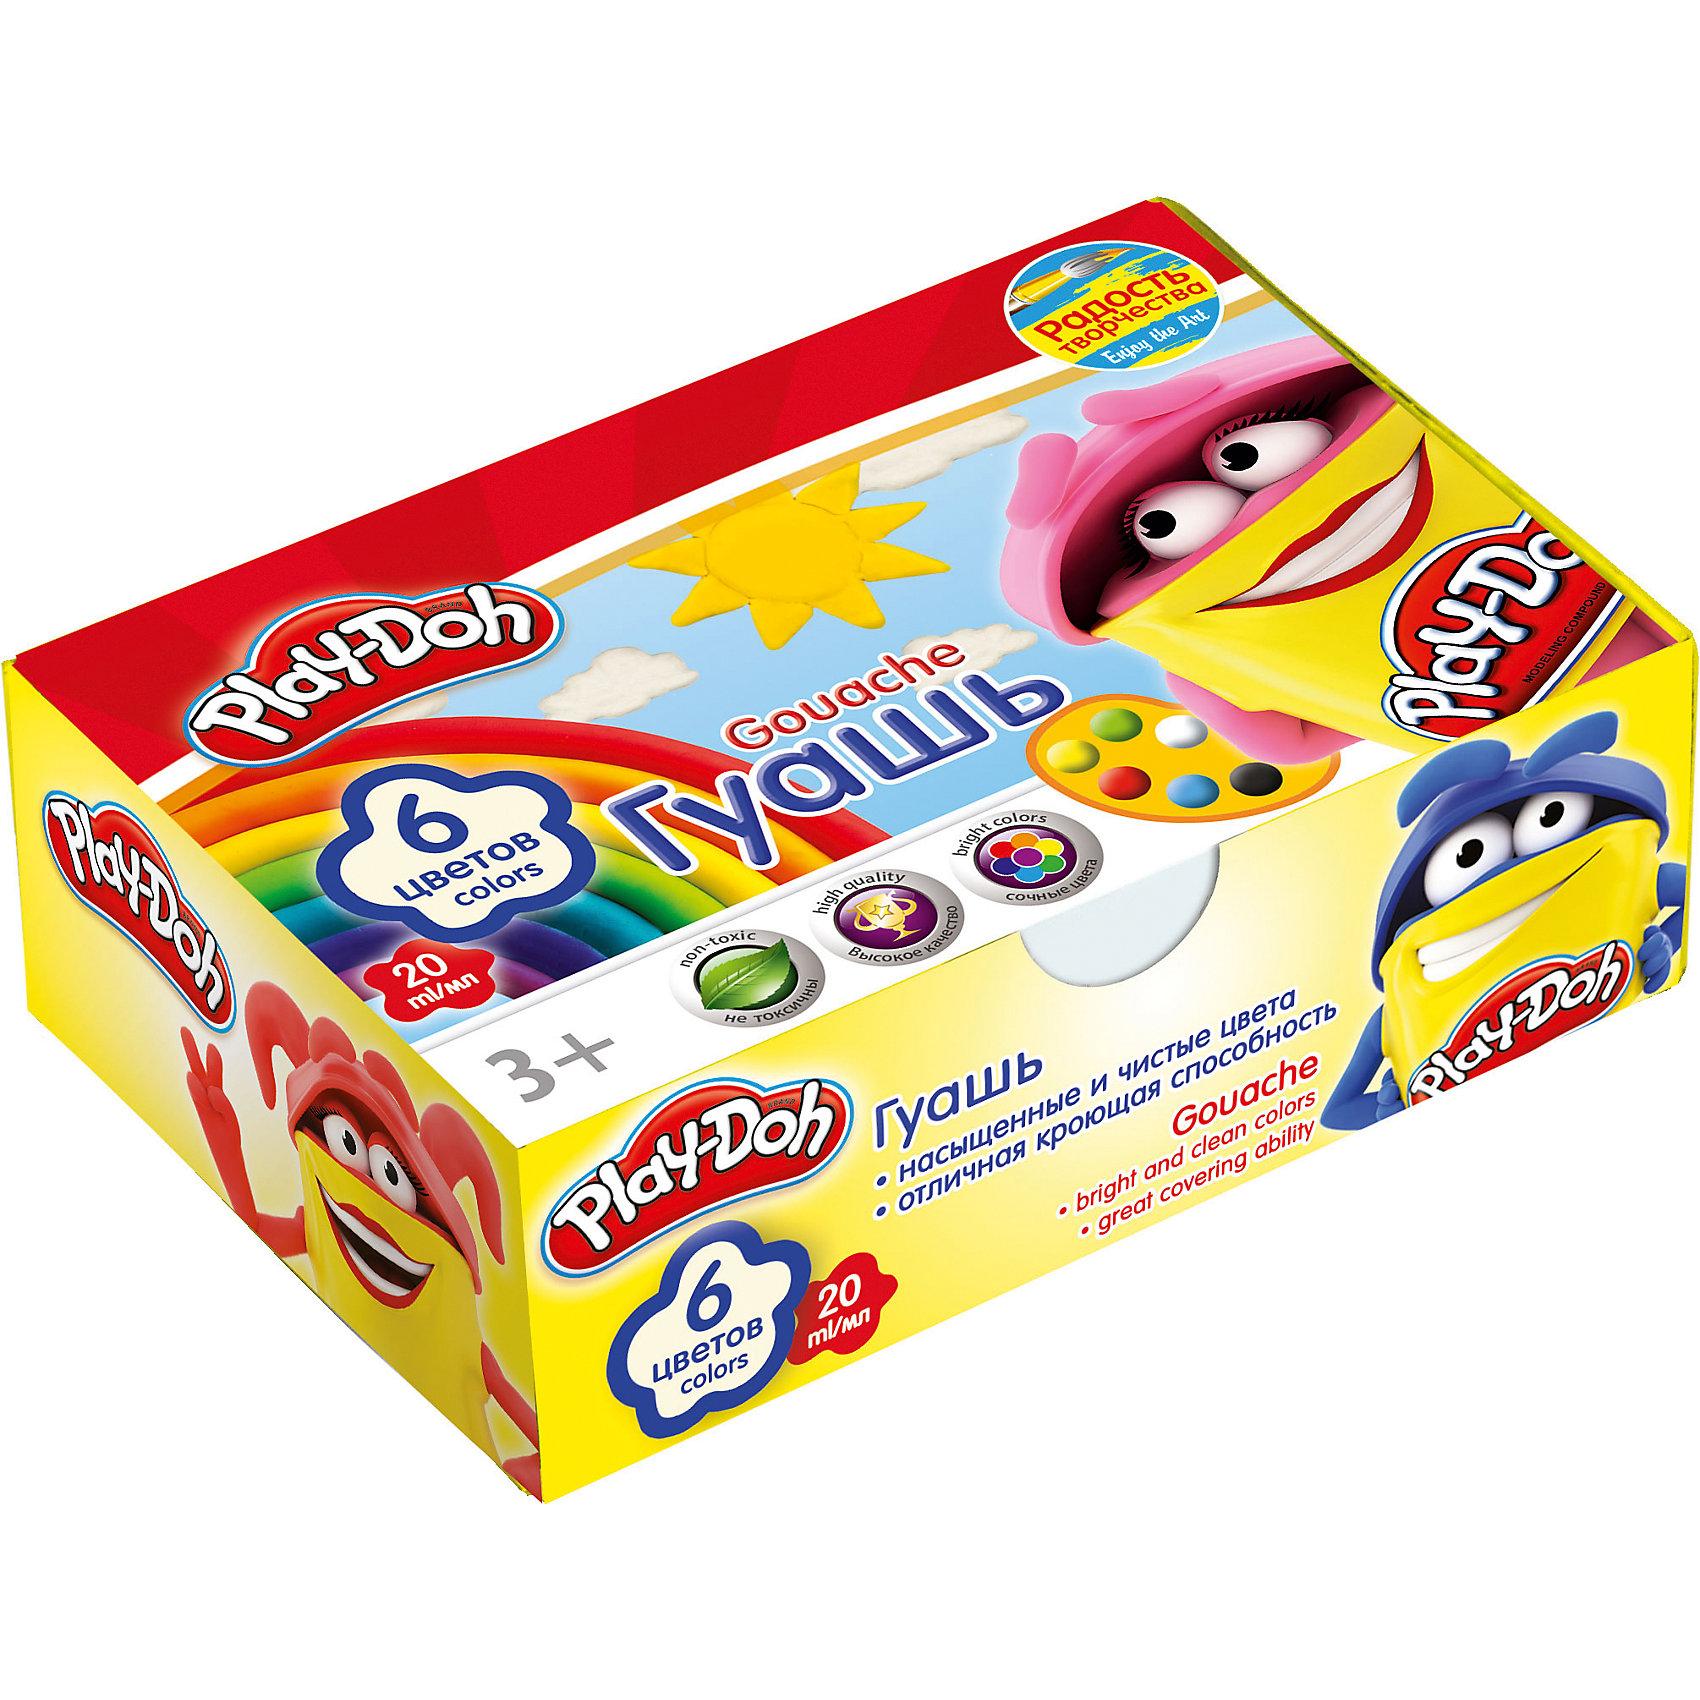 Академия групп Гуашевые краски Play Doh, 6 цветов по 20 мл hasbro play doh игровой набор из 3 цветов цвета в ассортименте с 2 лет